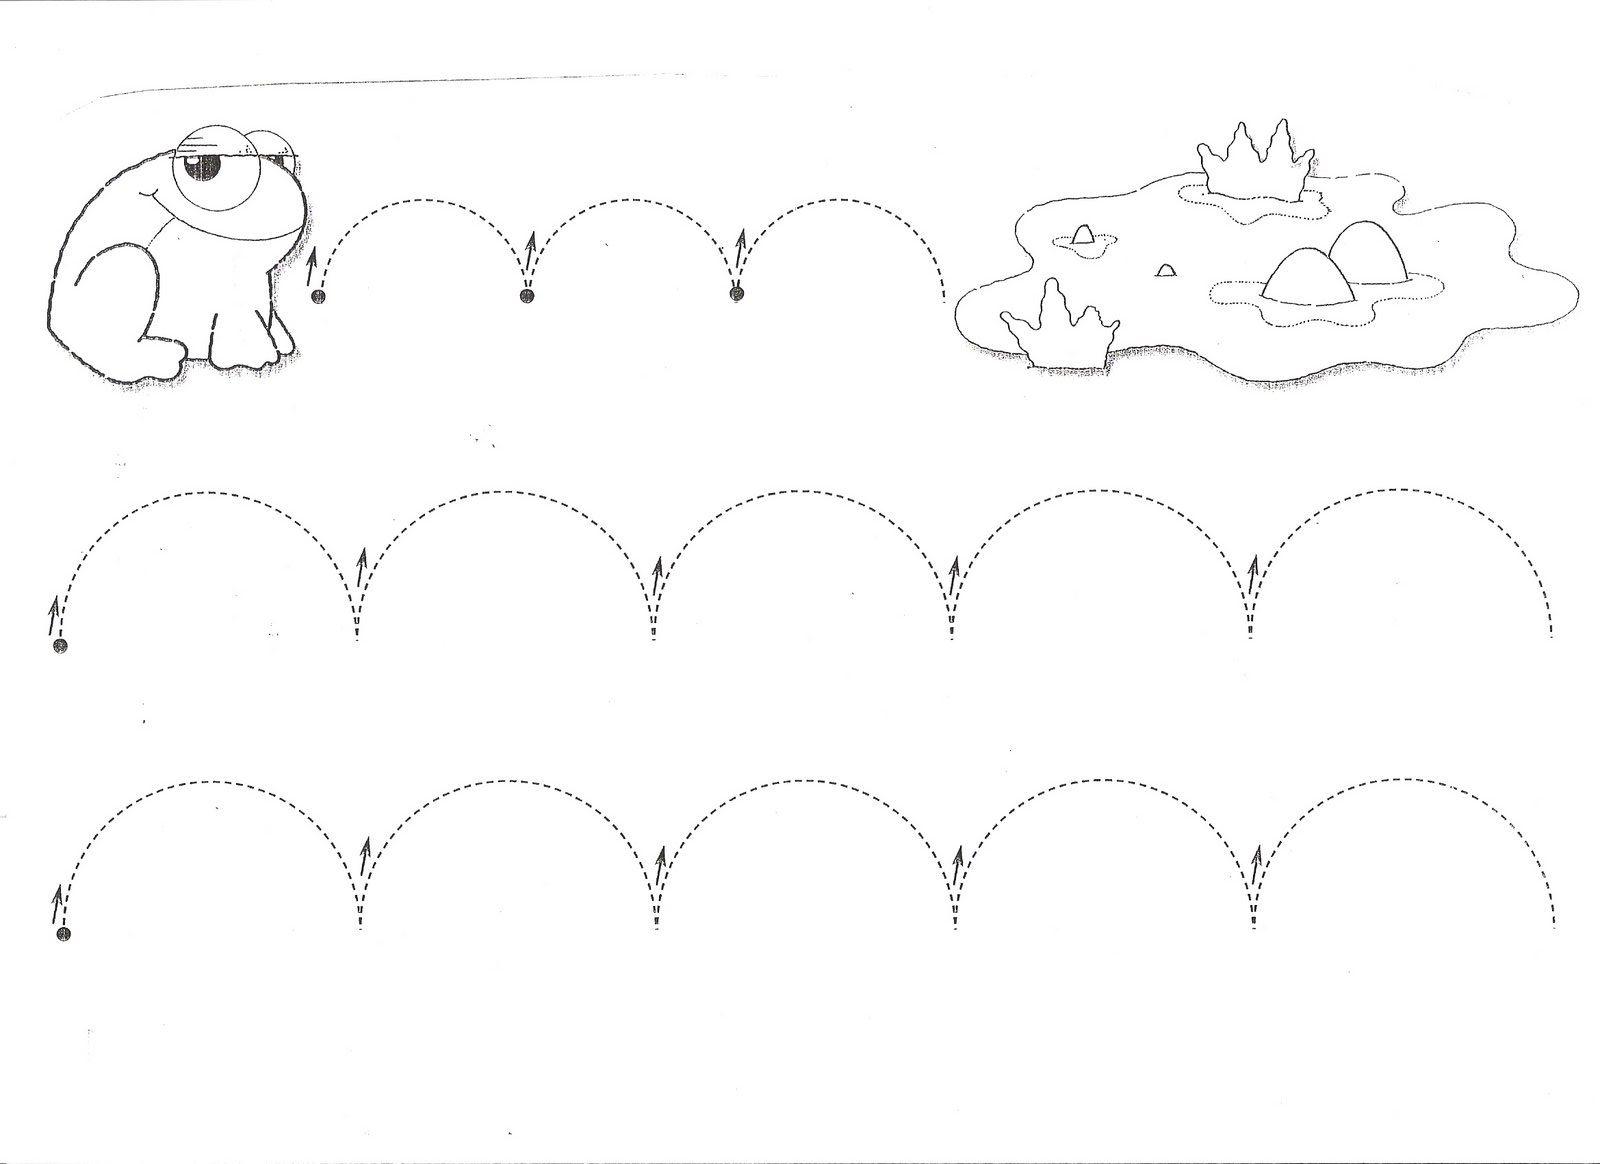 Elige el dibujo para imprimir y disfruta un feliz rato coloreando los dibujos infantiles más divertidos. Grafomotricidad, Actividades para niños de 3 años, Niños